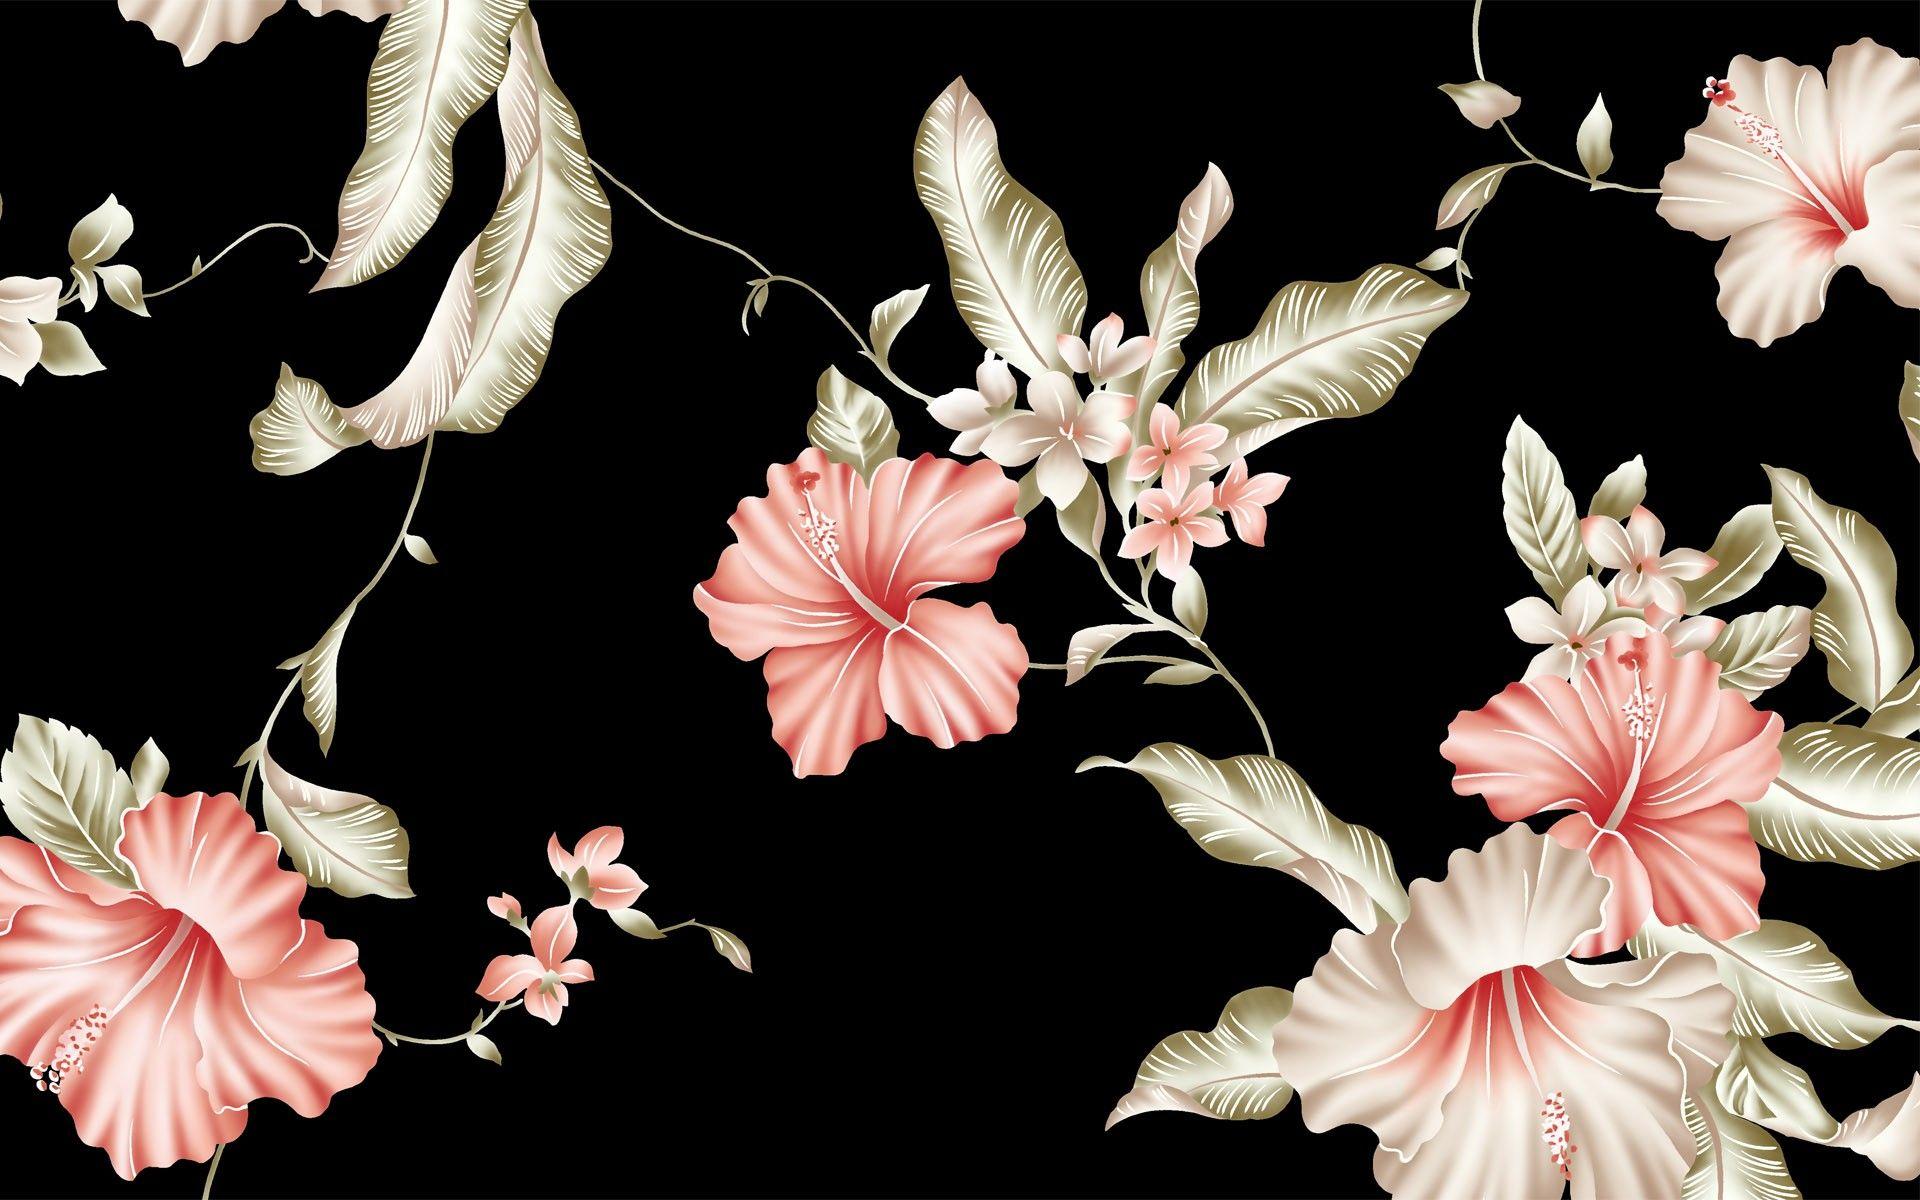 Floral Desktop Backgrounds Papel De Parede Flores Papel De Parede De Fundo Papel De Parede Floral